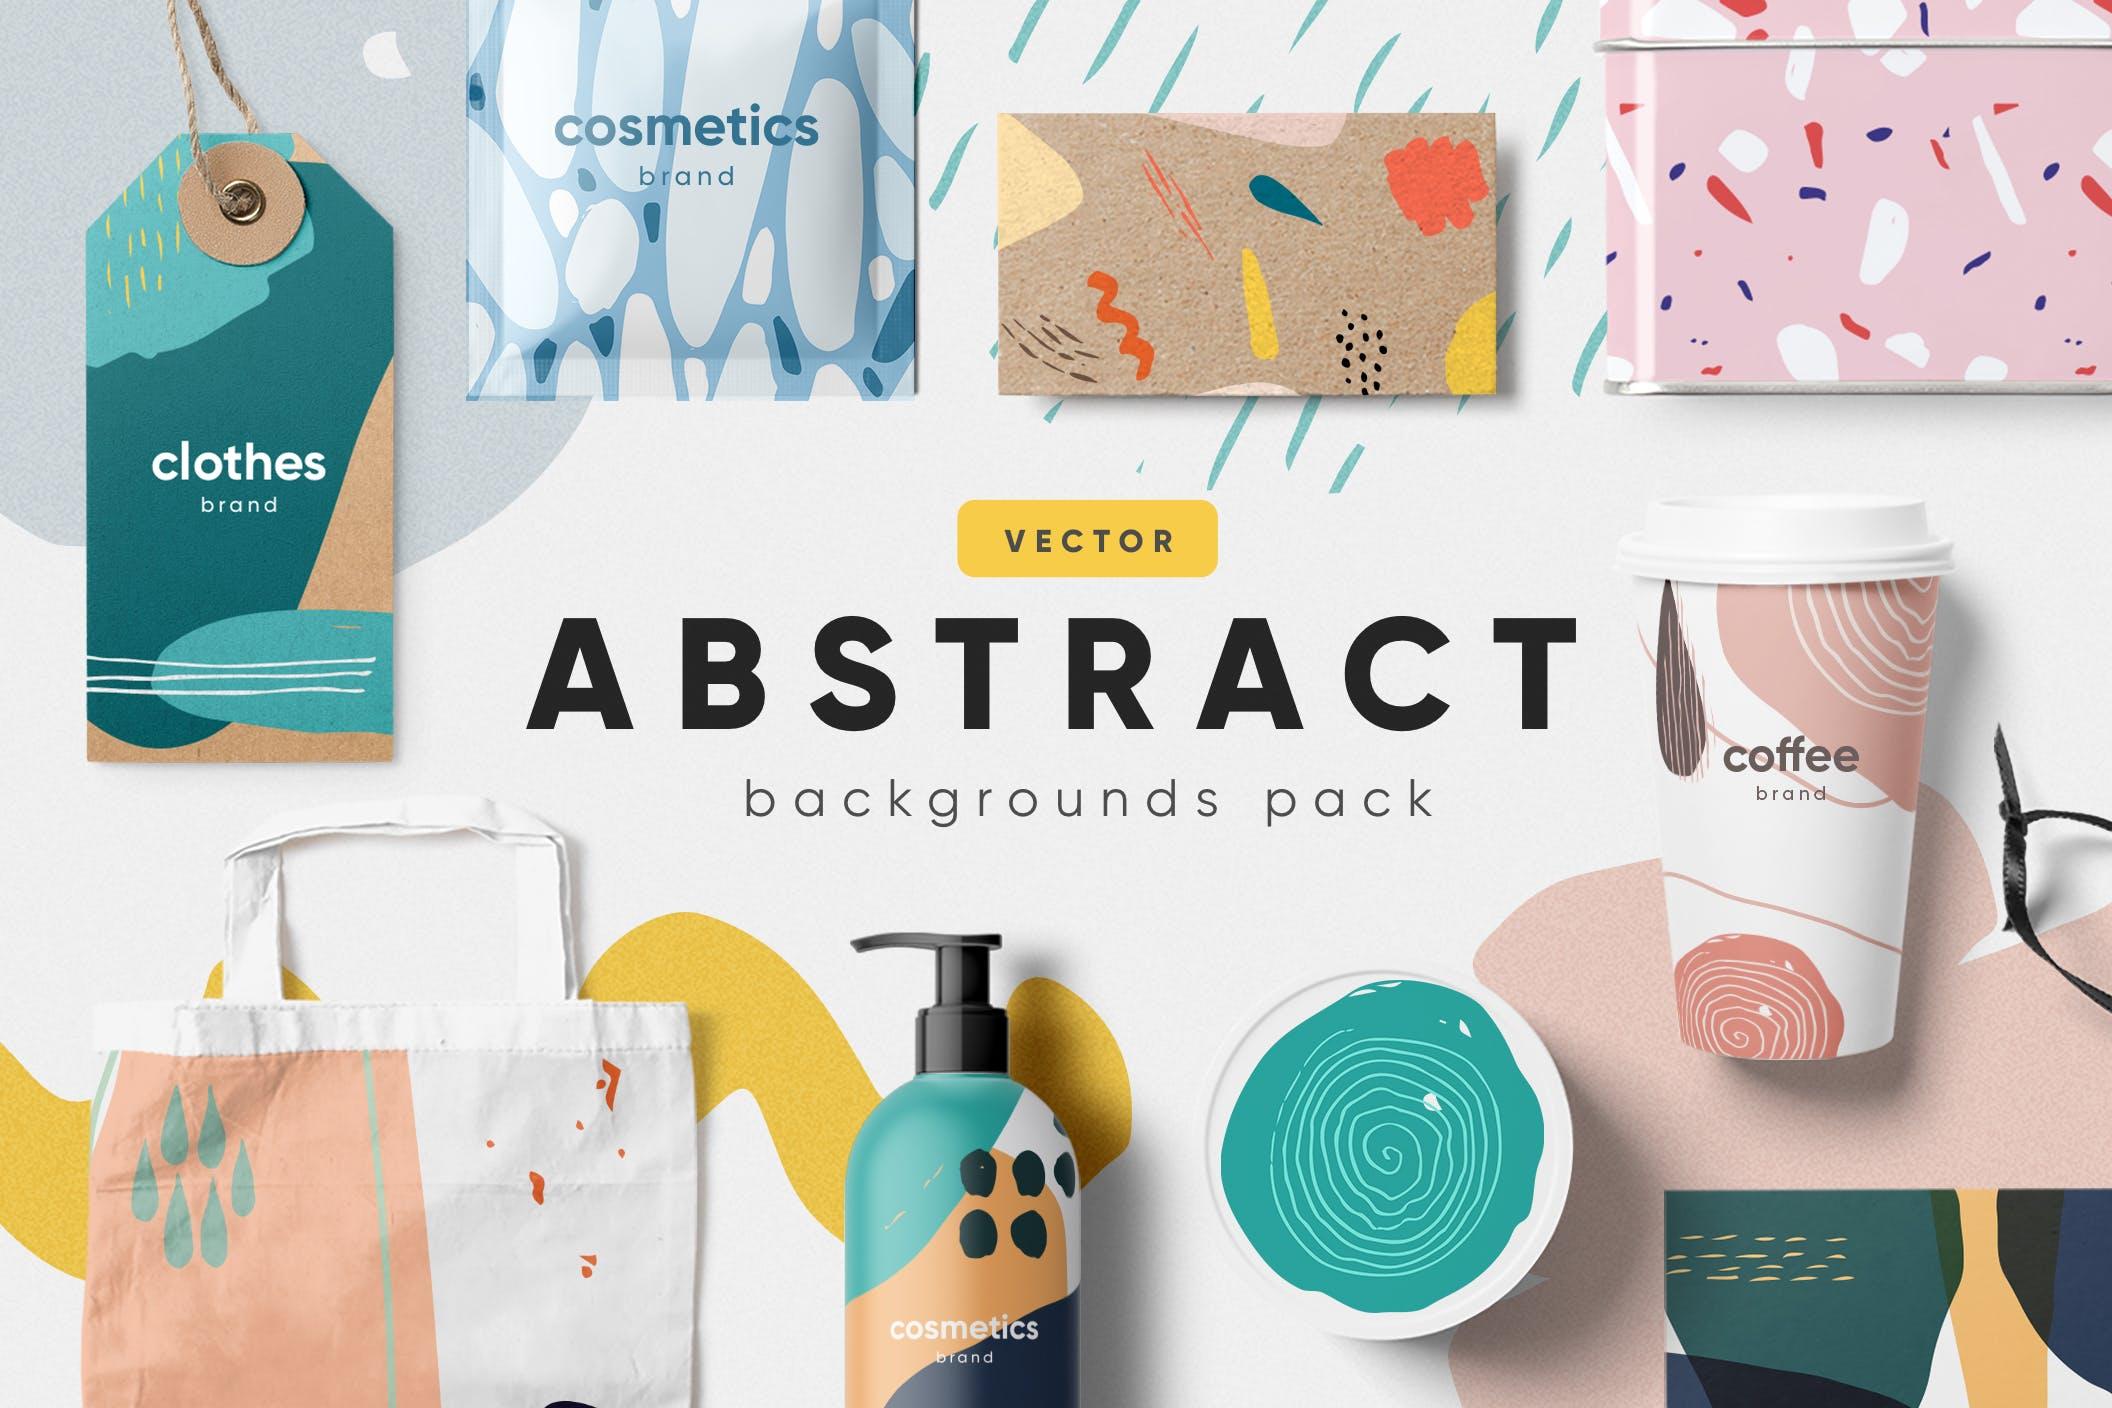 现代时尚抽象手绘图案背景纹理矢量素材 Abstract Backgrounds插图